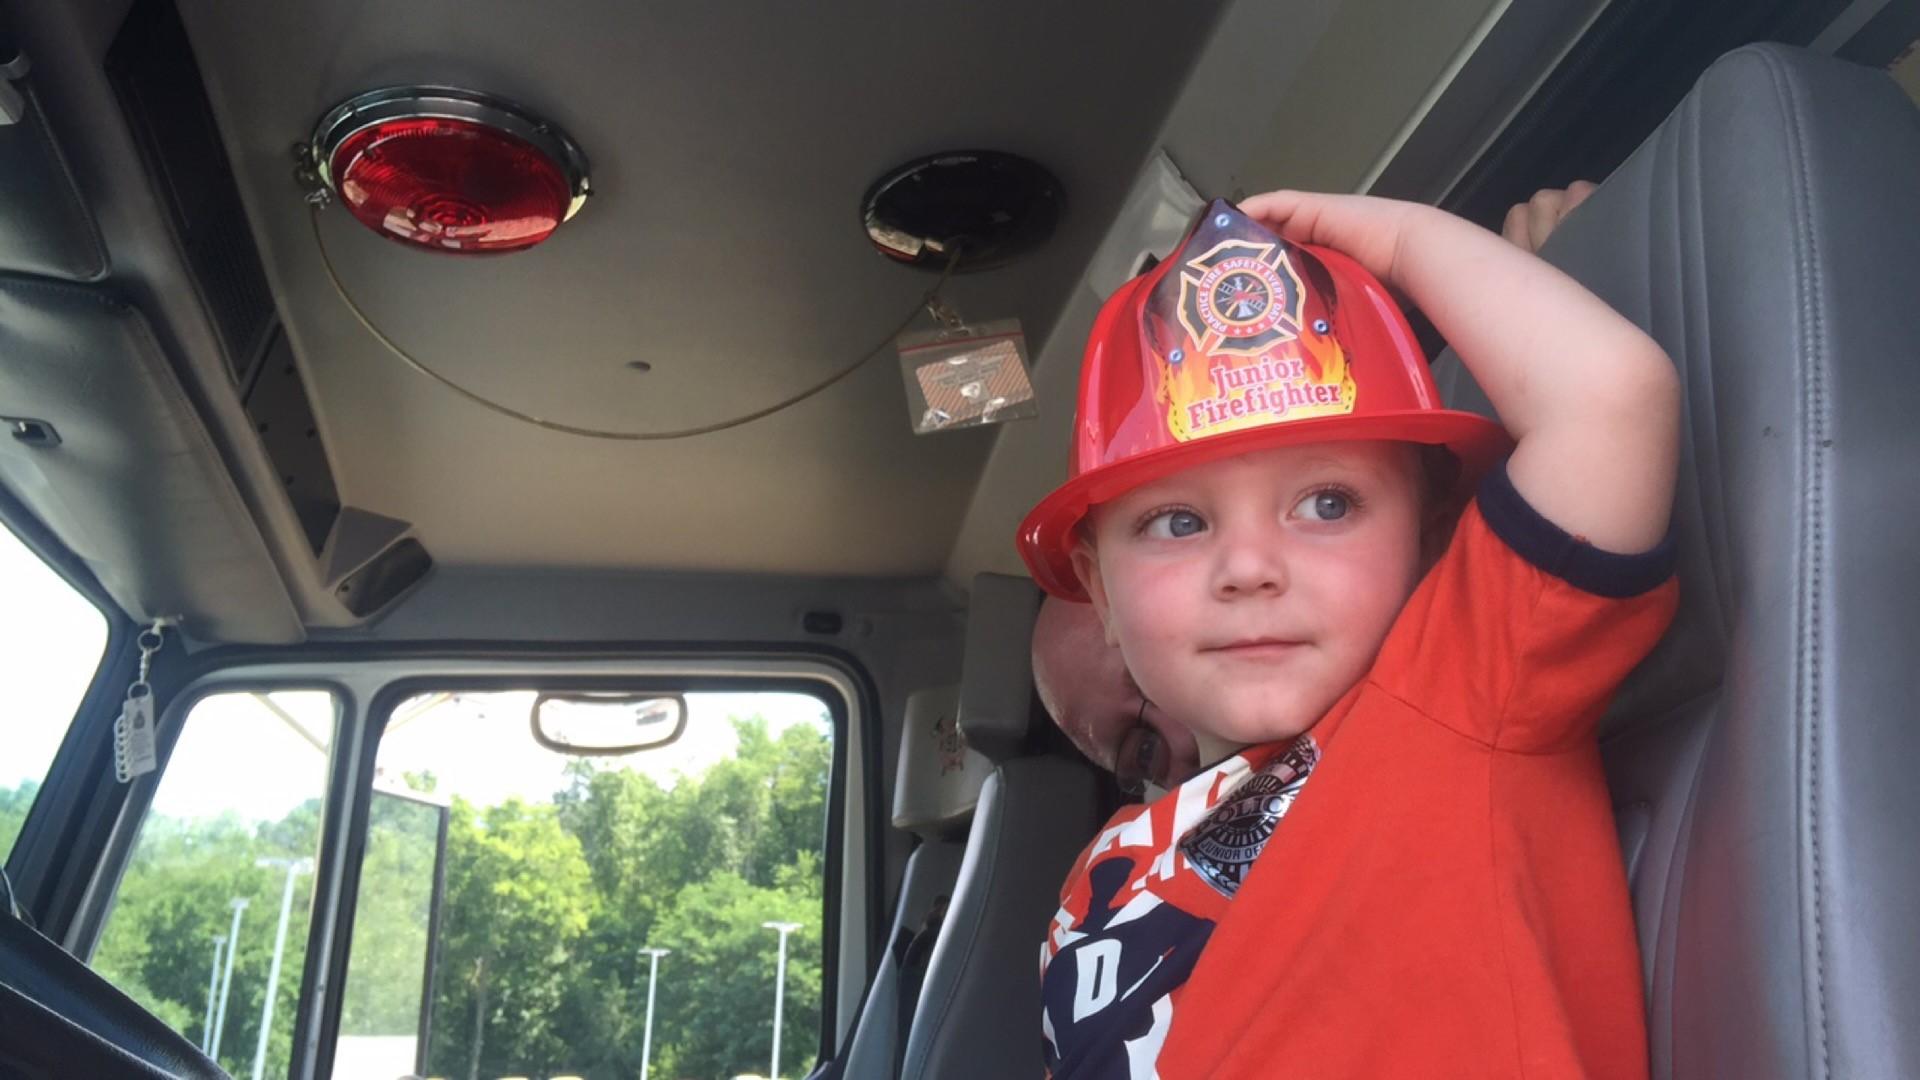 Child Safety Day at Bertera Bertera Auto Group Blogs